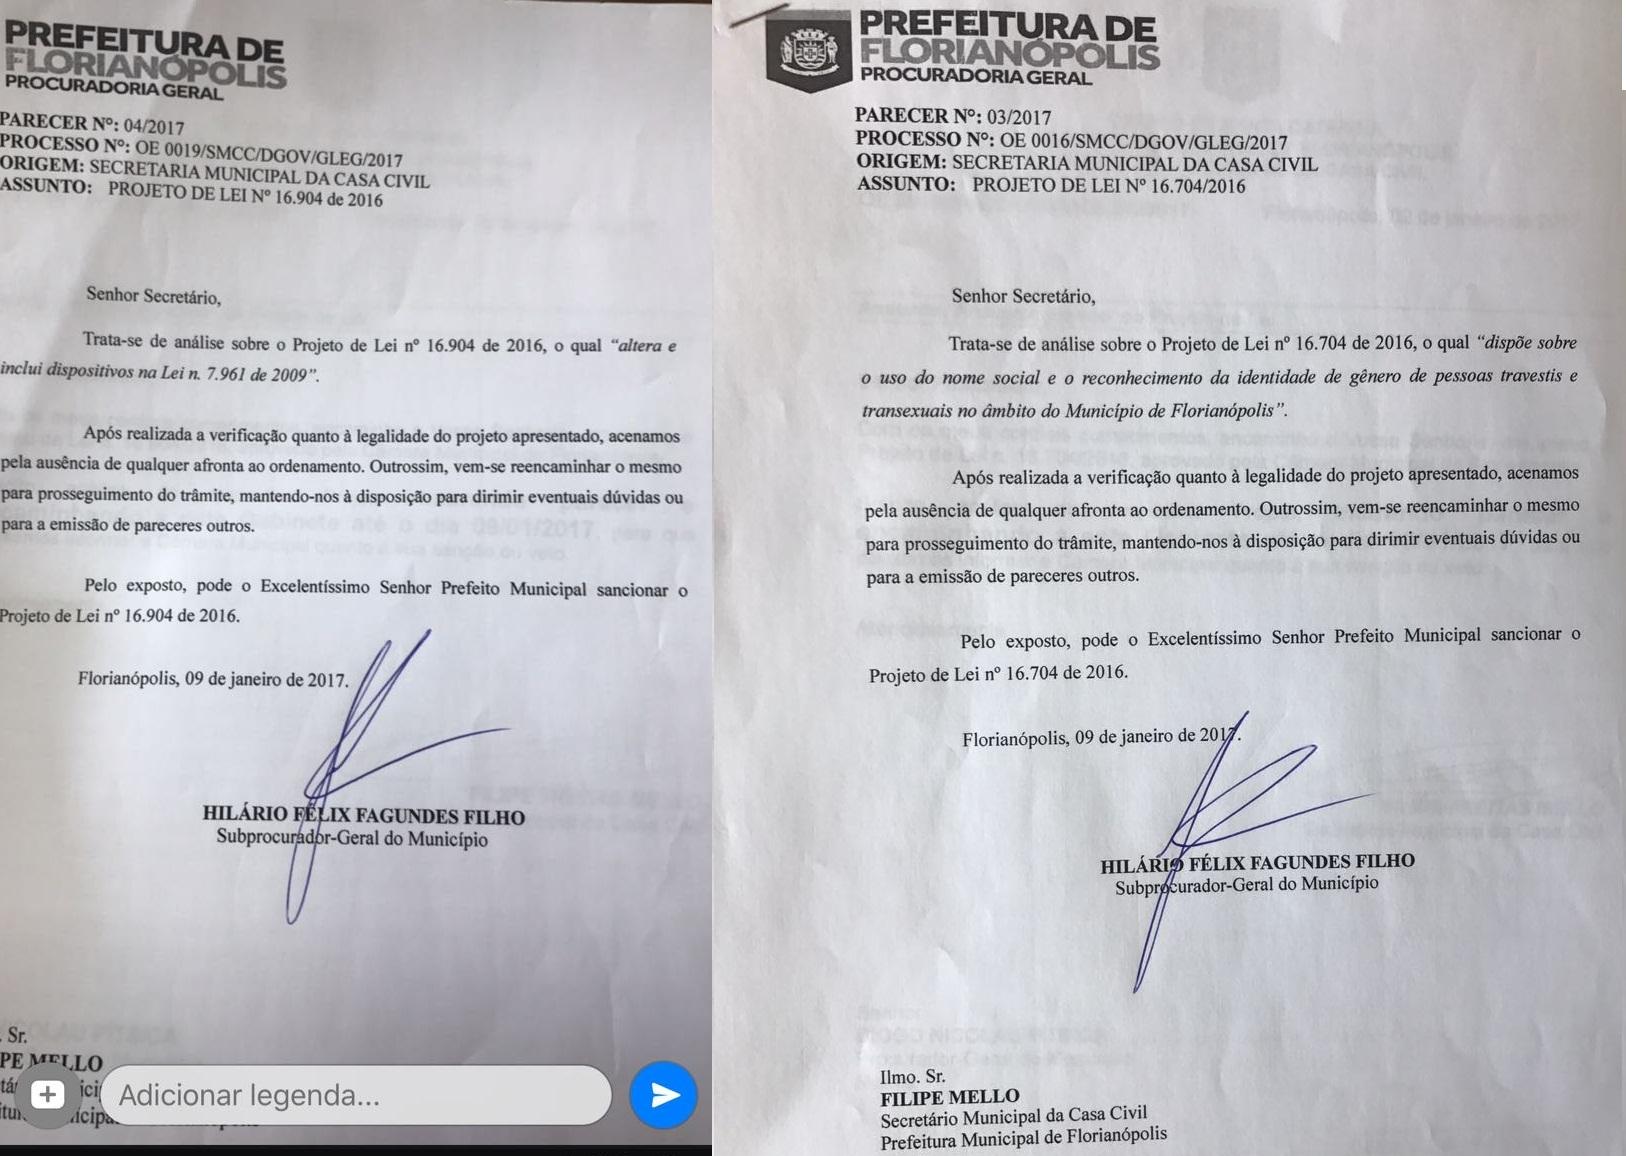 Documentos reforçam o parecer da procuradoria-geral do município - Divulgação/ND